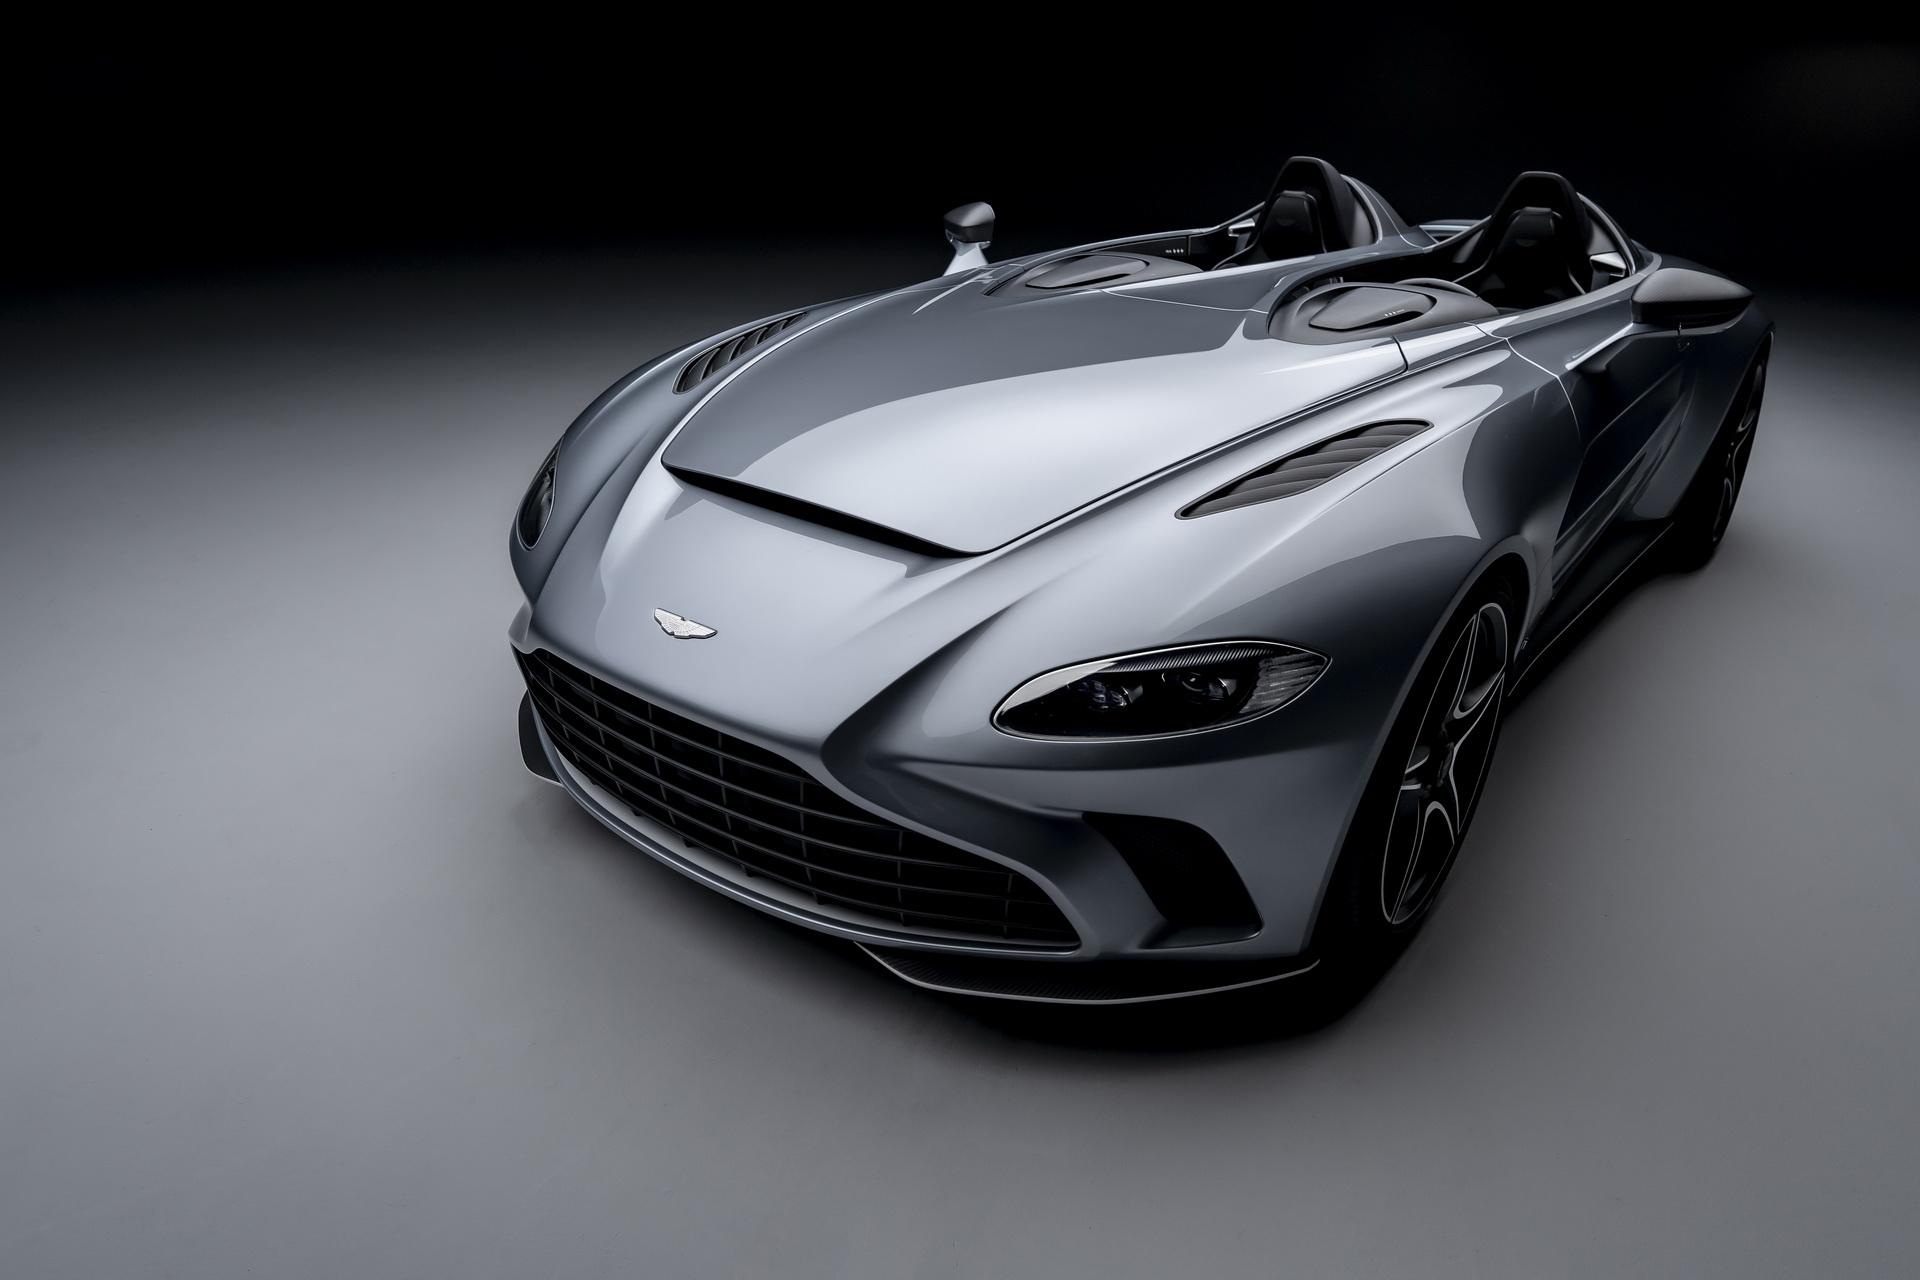 Aston-Martin-V12-Speedster-01-1